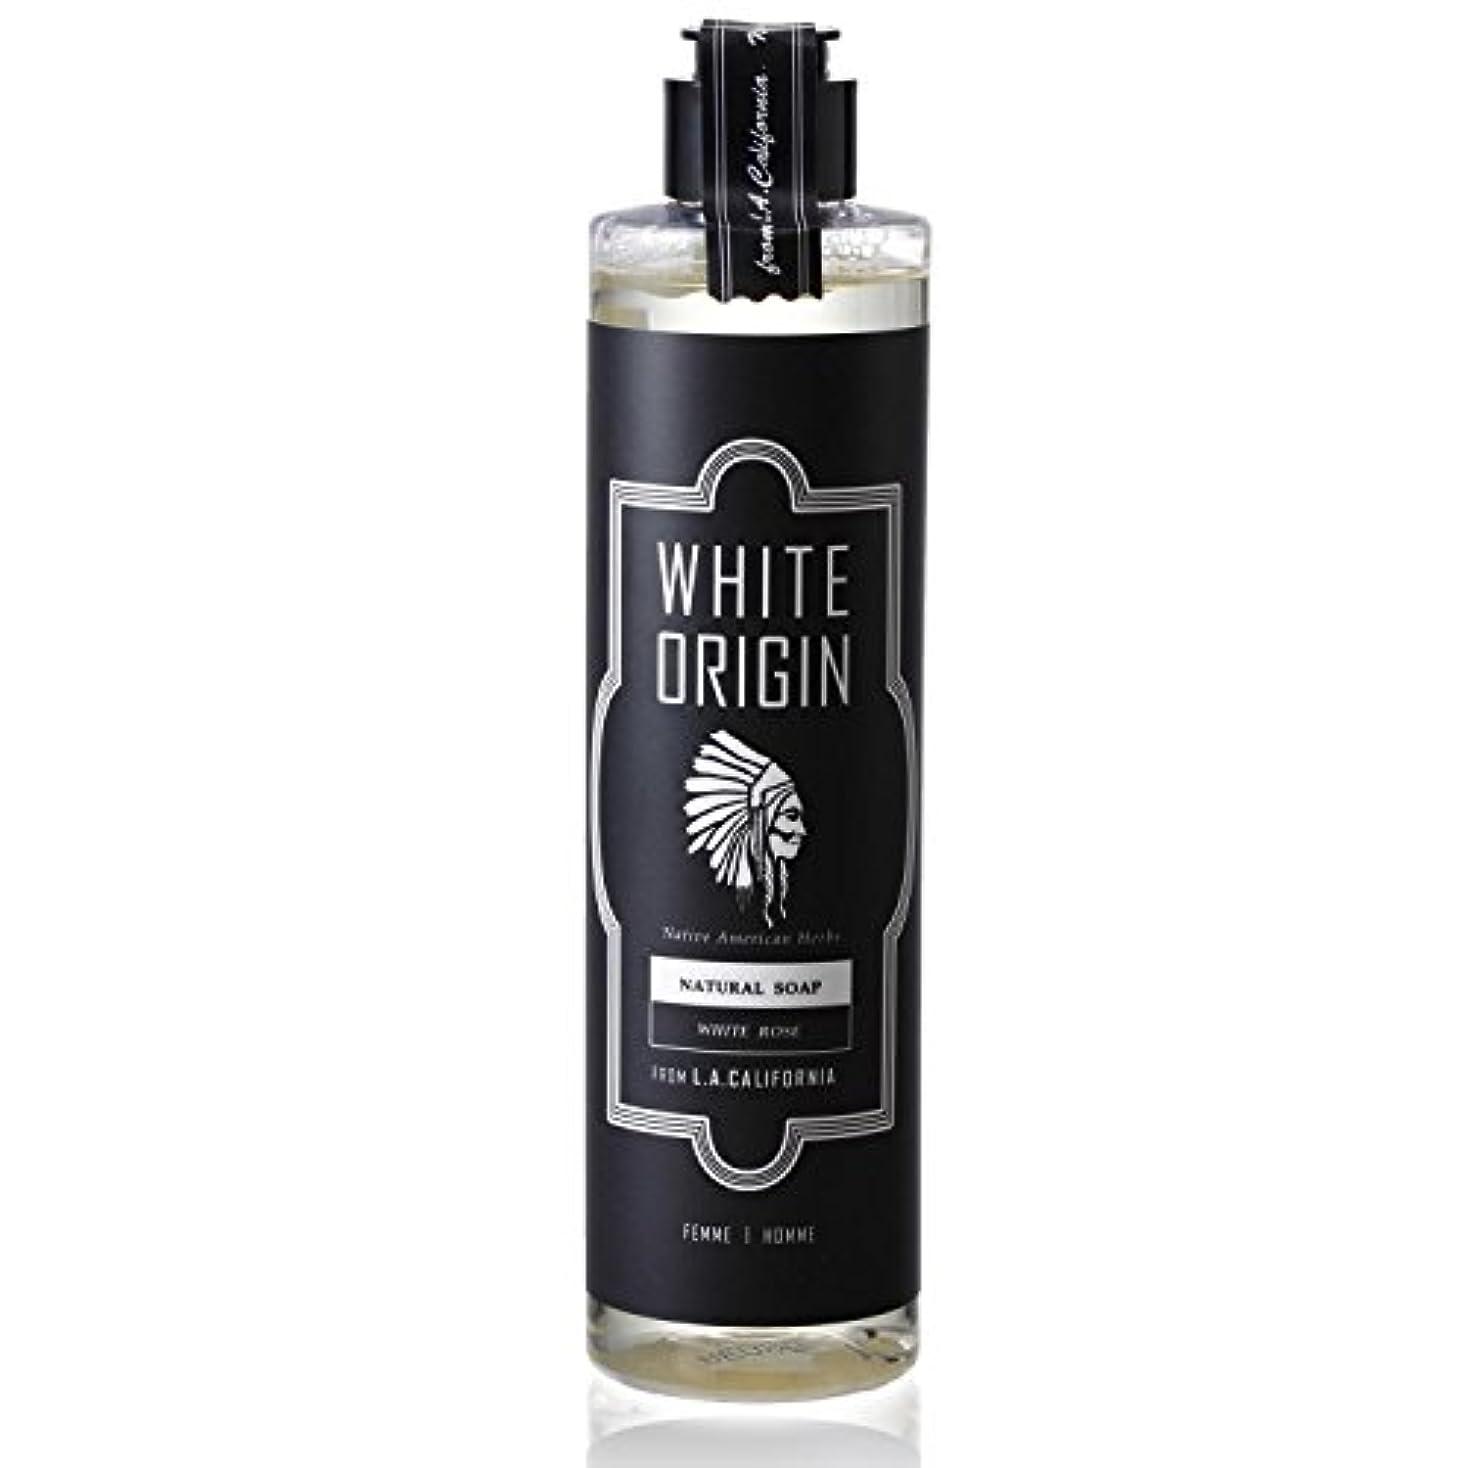 何故なの特徴づけるぐったりWHITE ORIGIN ボディソープ 300ml 加齢臭 ケア オーガニック ナチュラル 男前 乾燥 ホワイトローズ